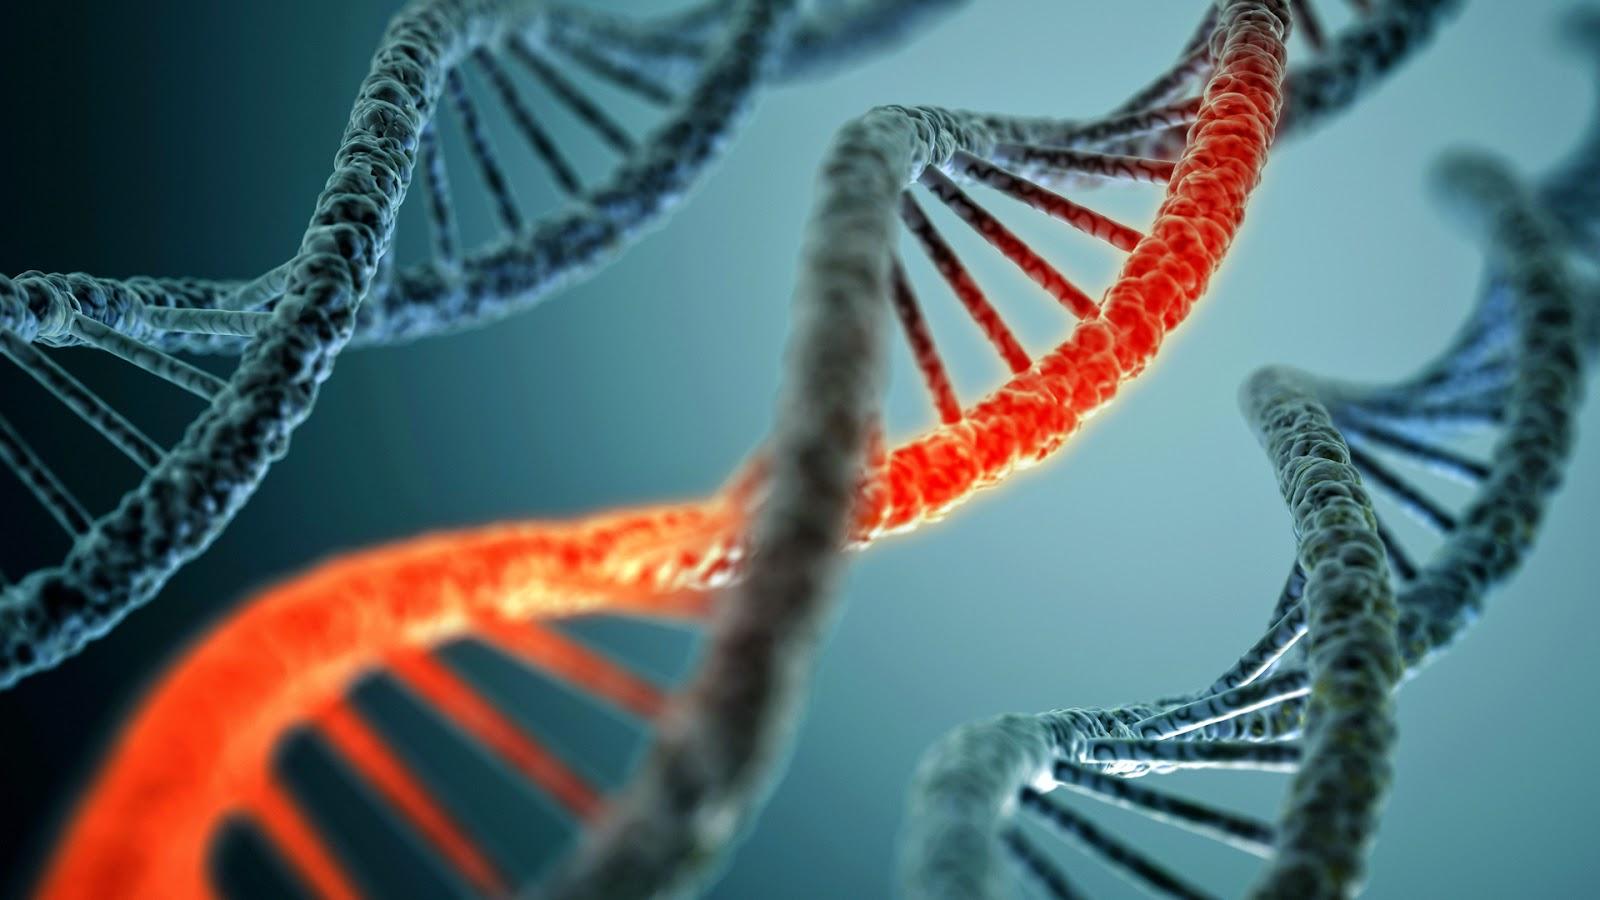 Hewan - Hewan Mengerikan Karena Kesalahan Rekayasa Genetika